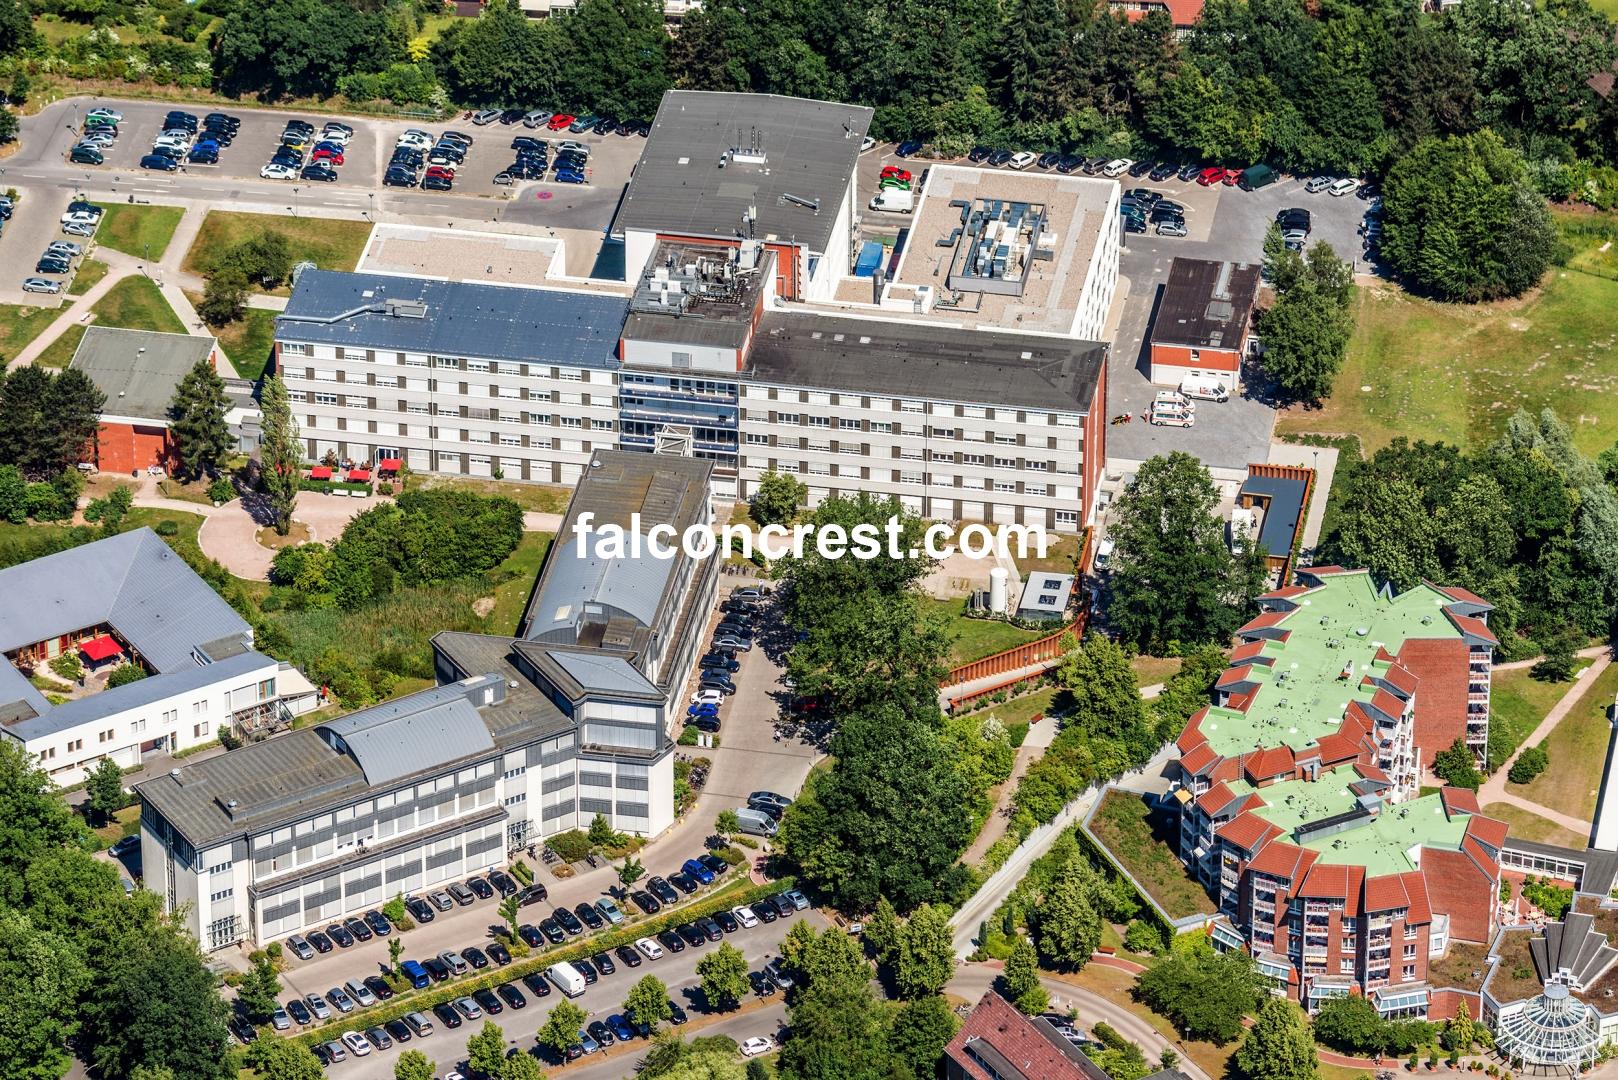 Falconcrest.com - Luftbilder und Luftbildvideos - Amalie Sieveking ...